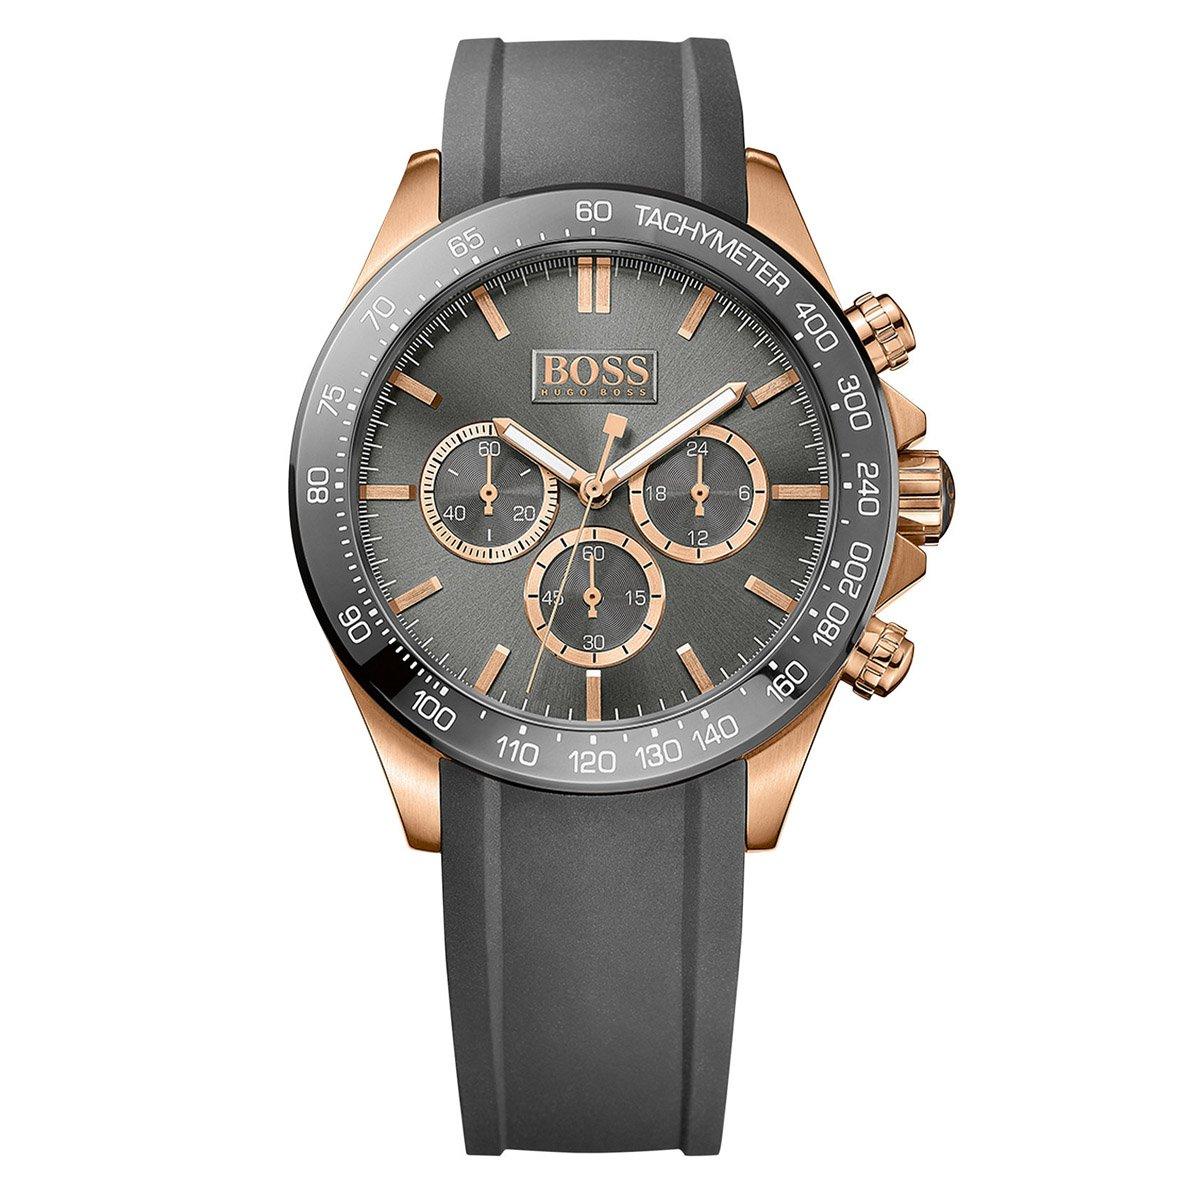 Hugo Boss Mens Men's Chronograph Analog Dress Quartz Watch (Imported) 1513342 by Hugo Boss